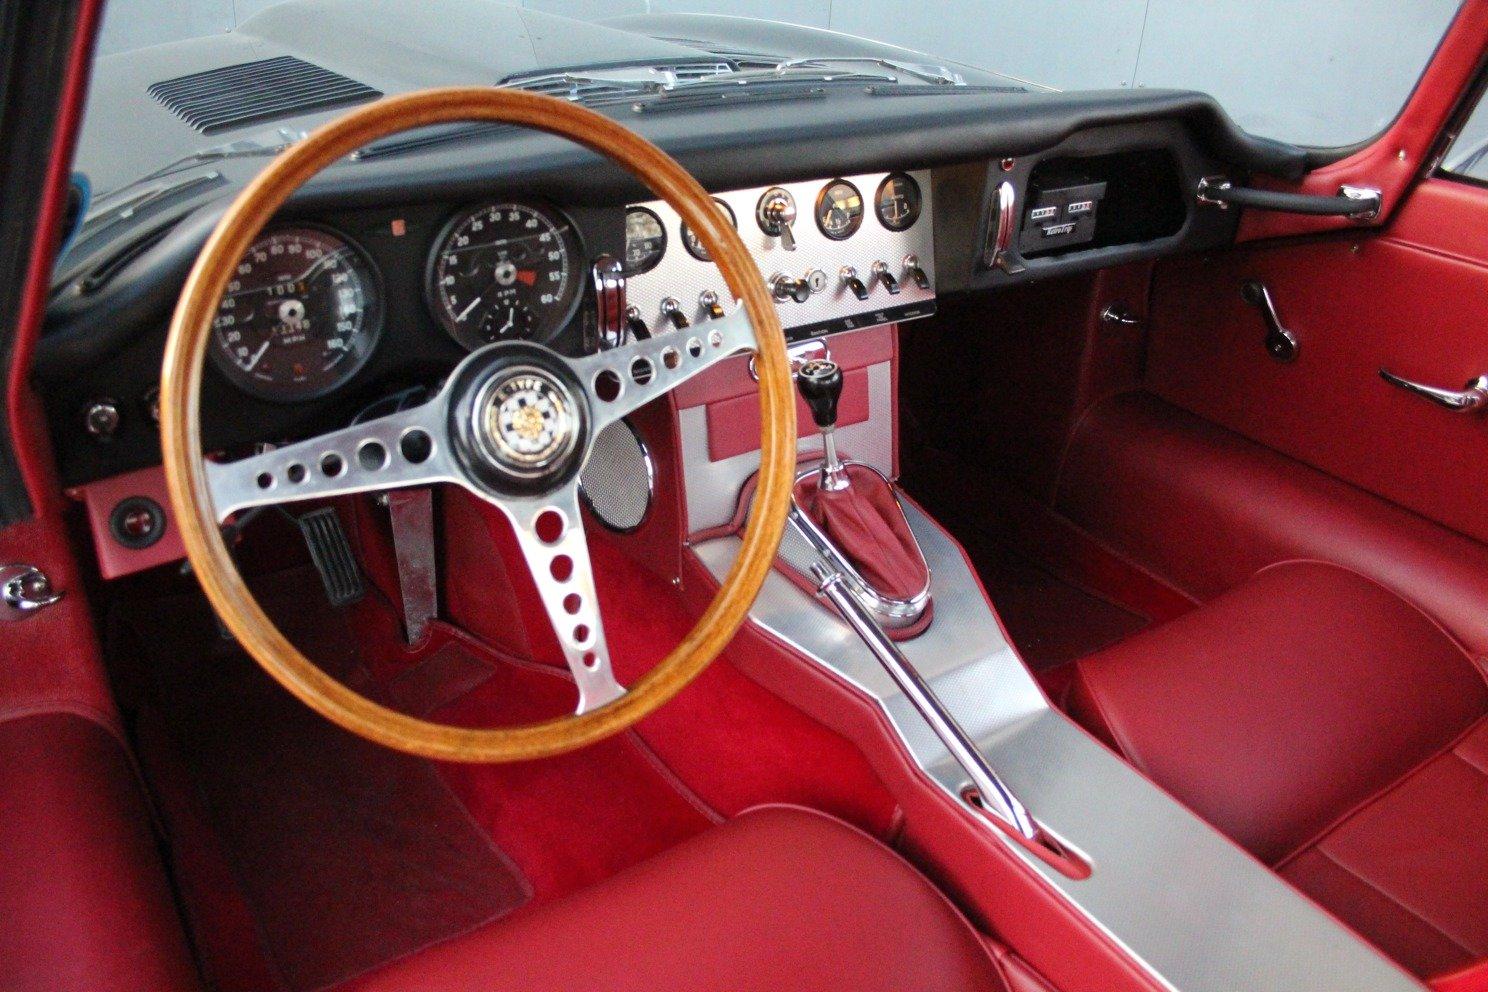 1962 Jaguar E-Type SI 3.8 Litre Coupé For Sale (picture 3 of 6)